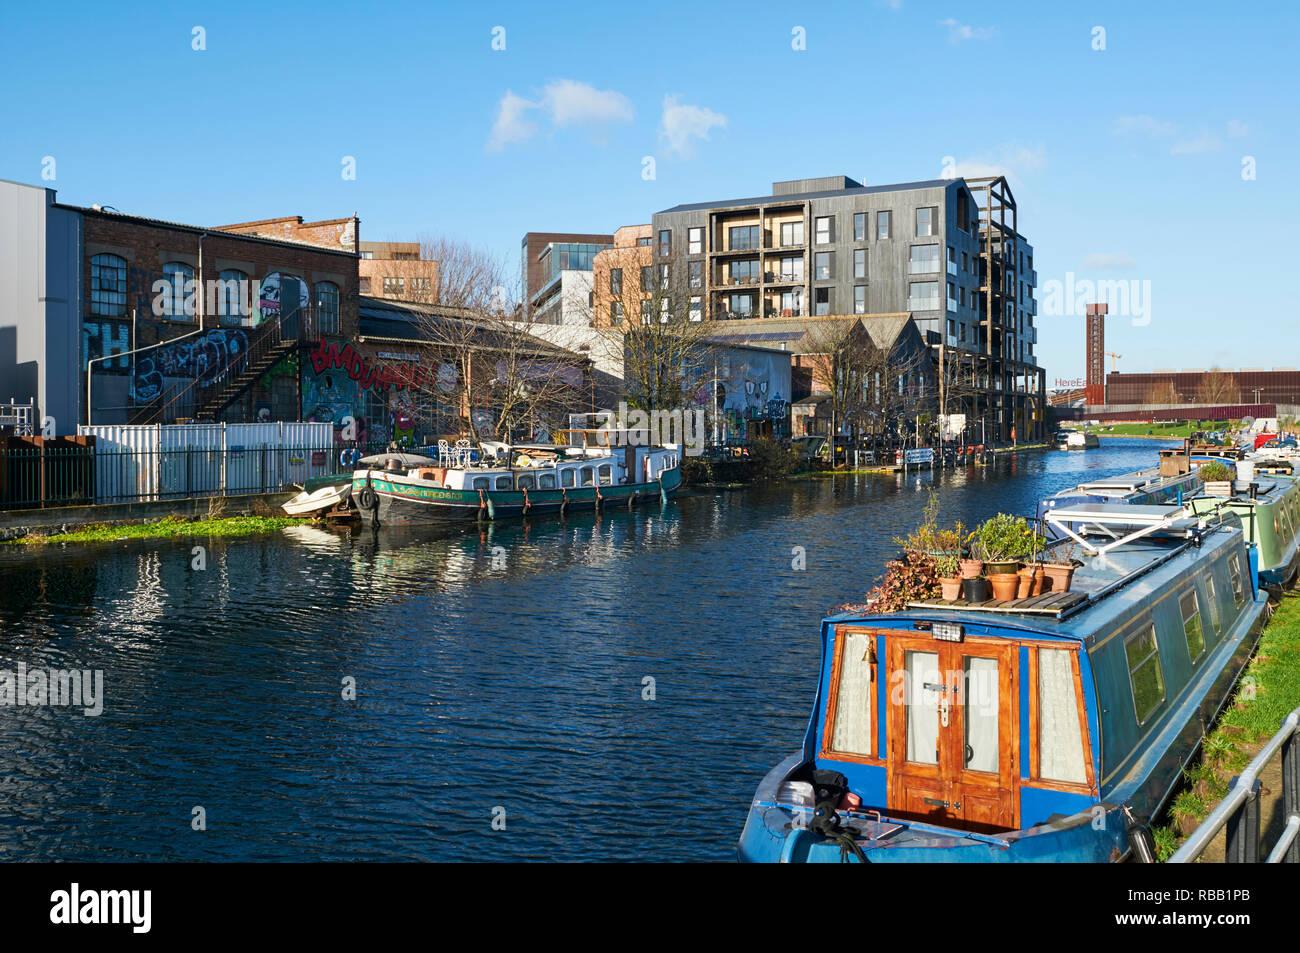 Des entrepôts et des appartements le long de la rivière Lea près de Hackney Wick, East London, UK Photo Stock